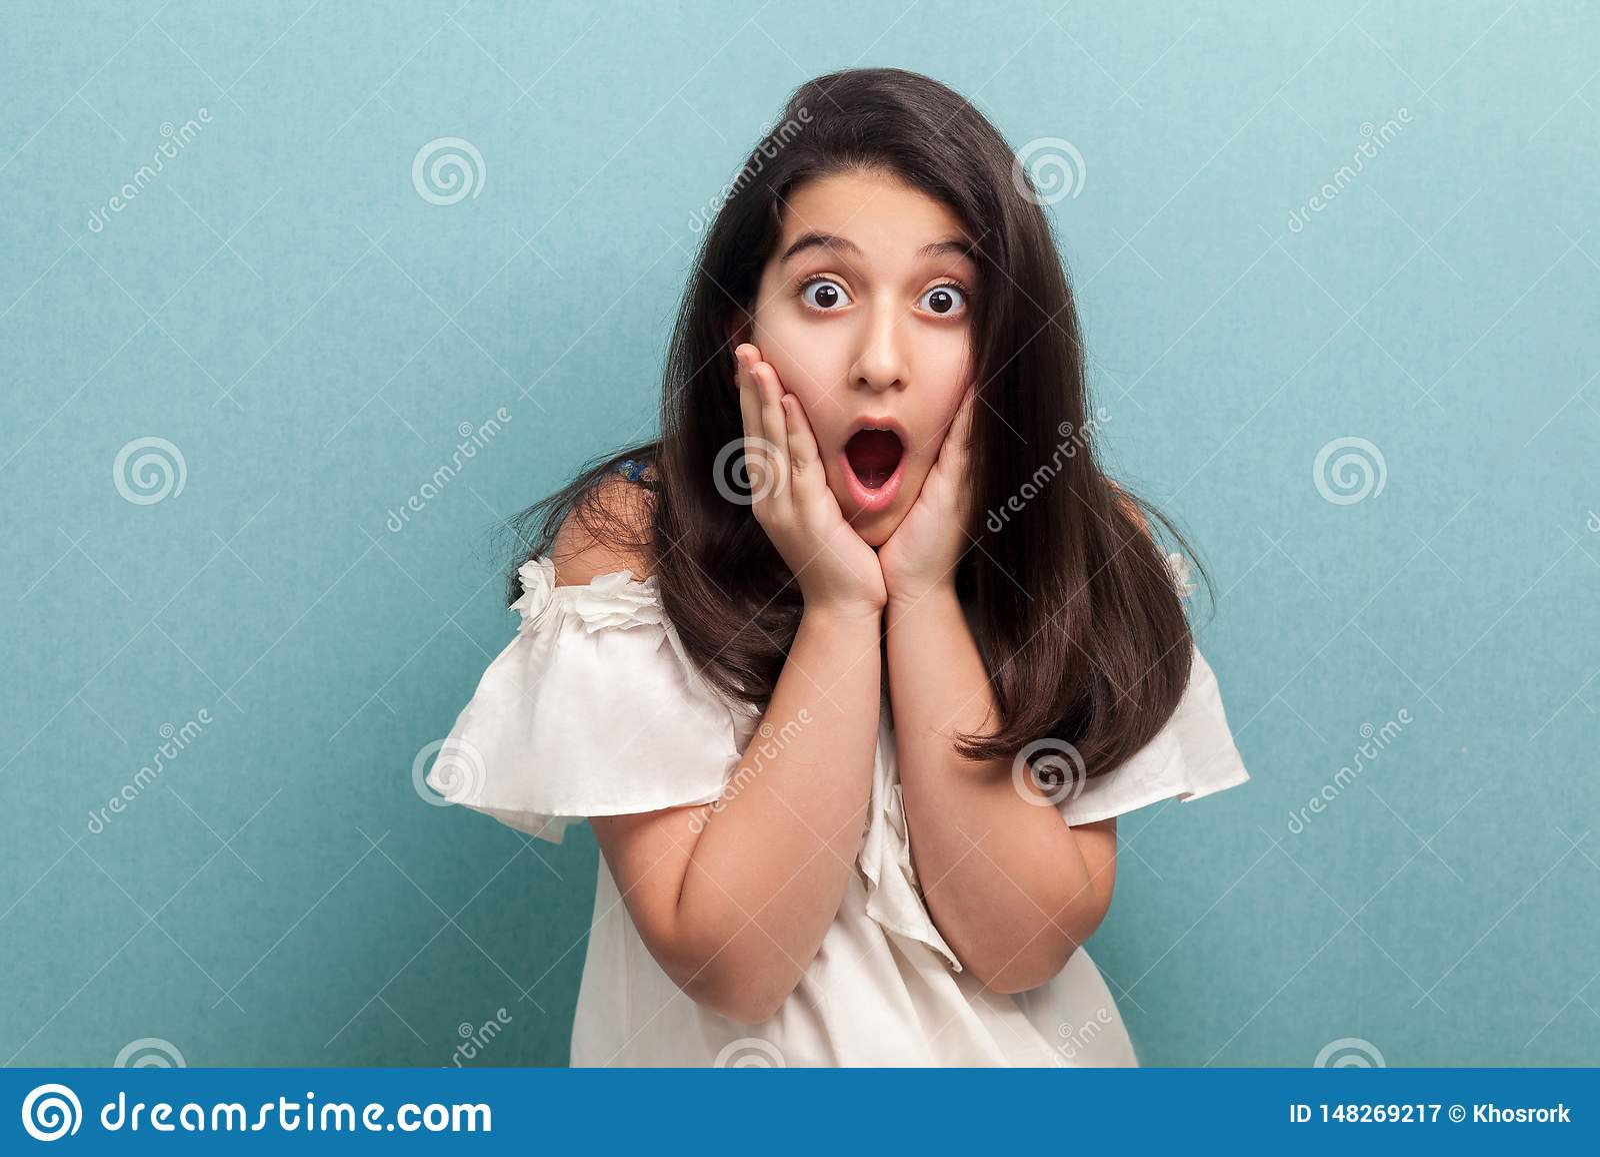 Portrait de jeune fille choquée de belle brune avec de longs cheveux droits noirs dans la position blanche de robe et de regarder